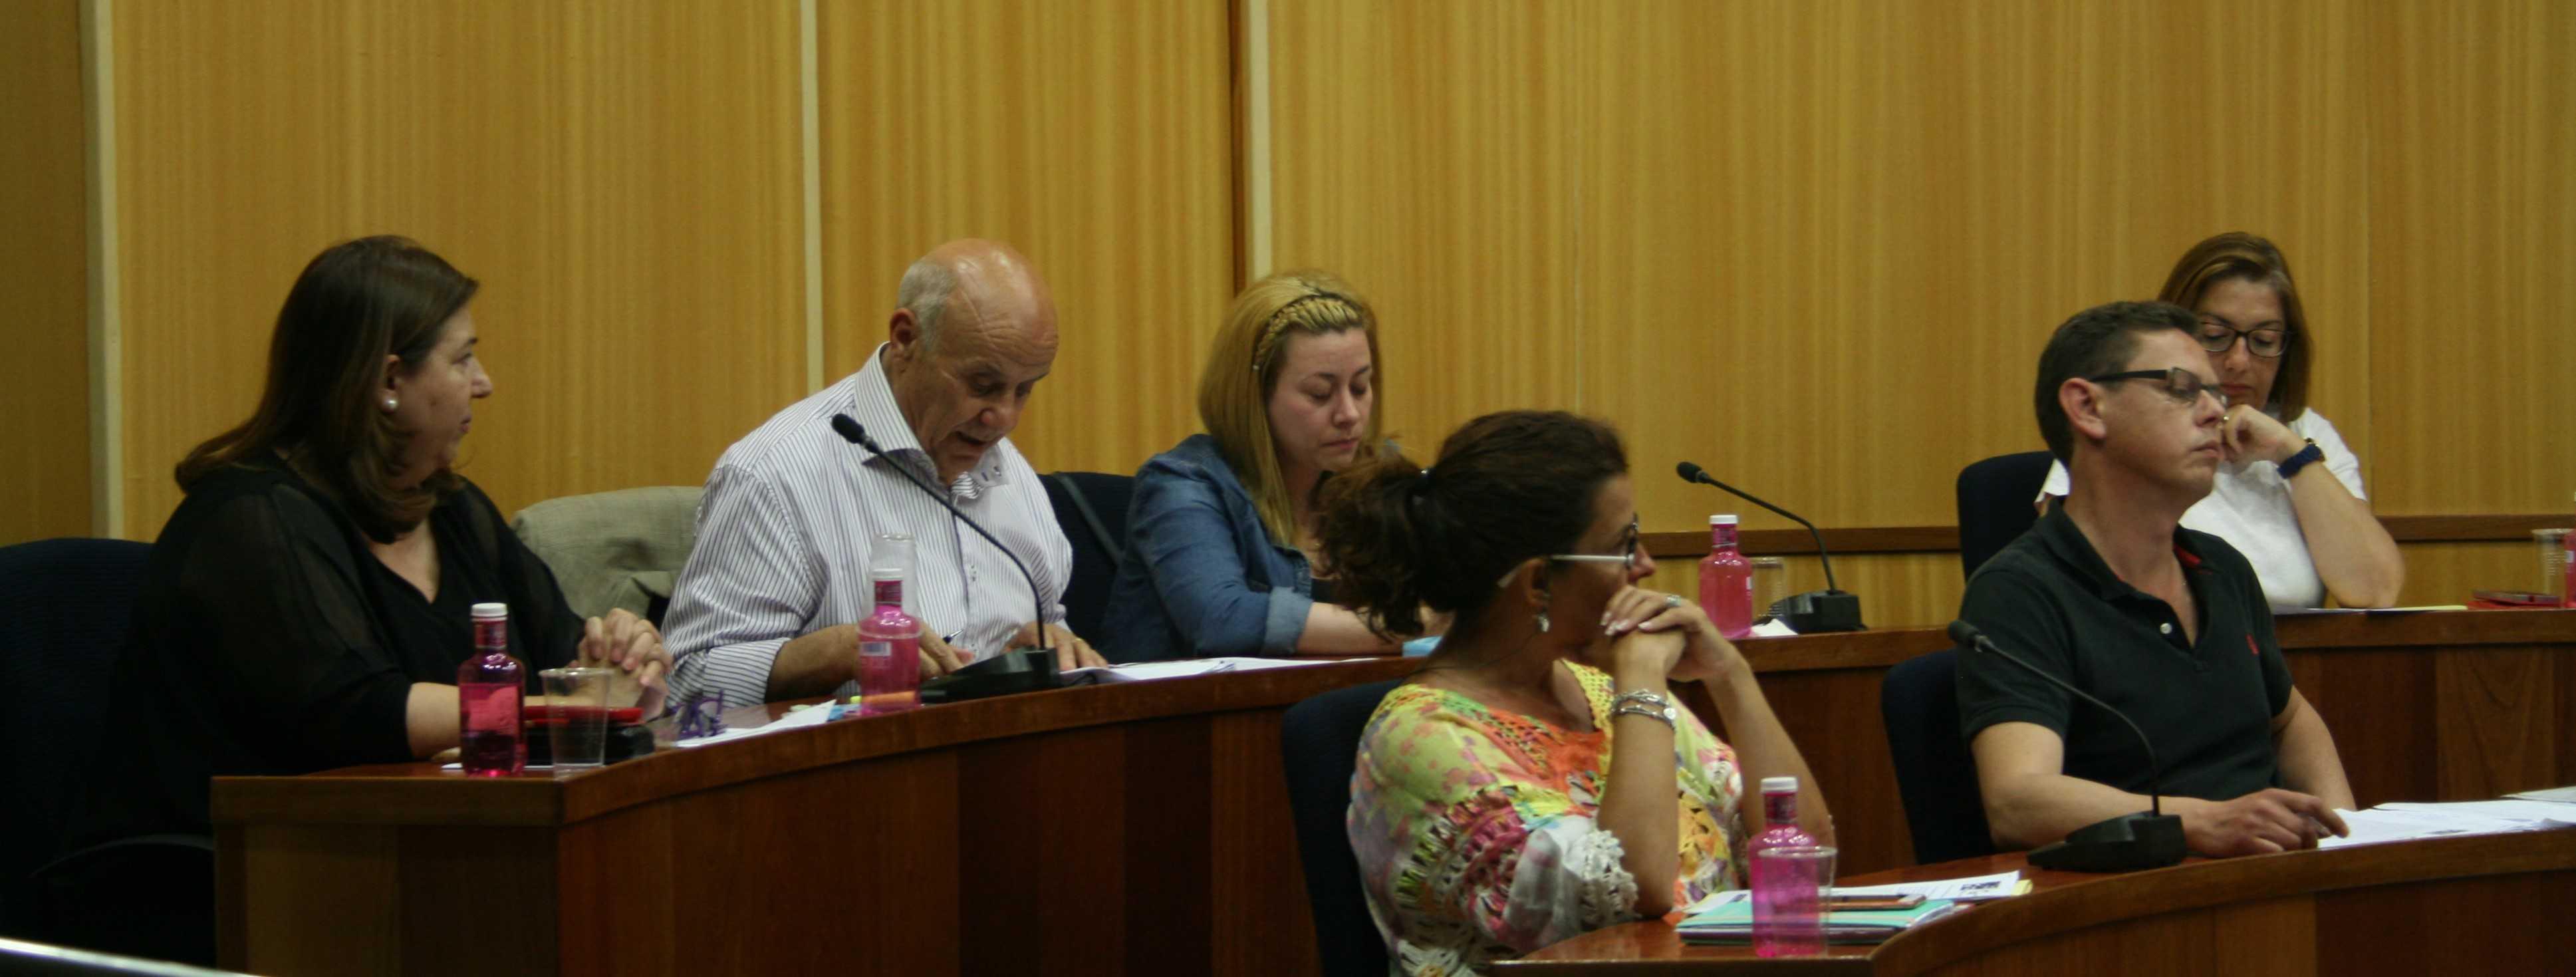 Plenari Ordinari Ajuntament SAB 31-05-2016 bancada derecha